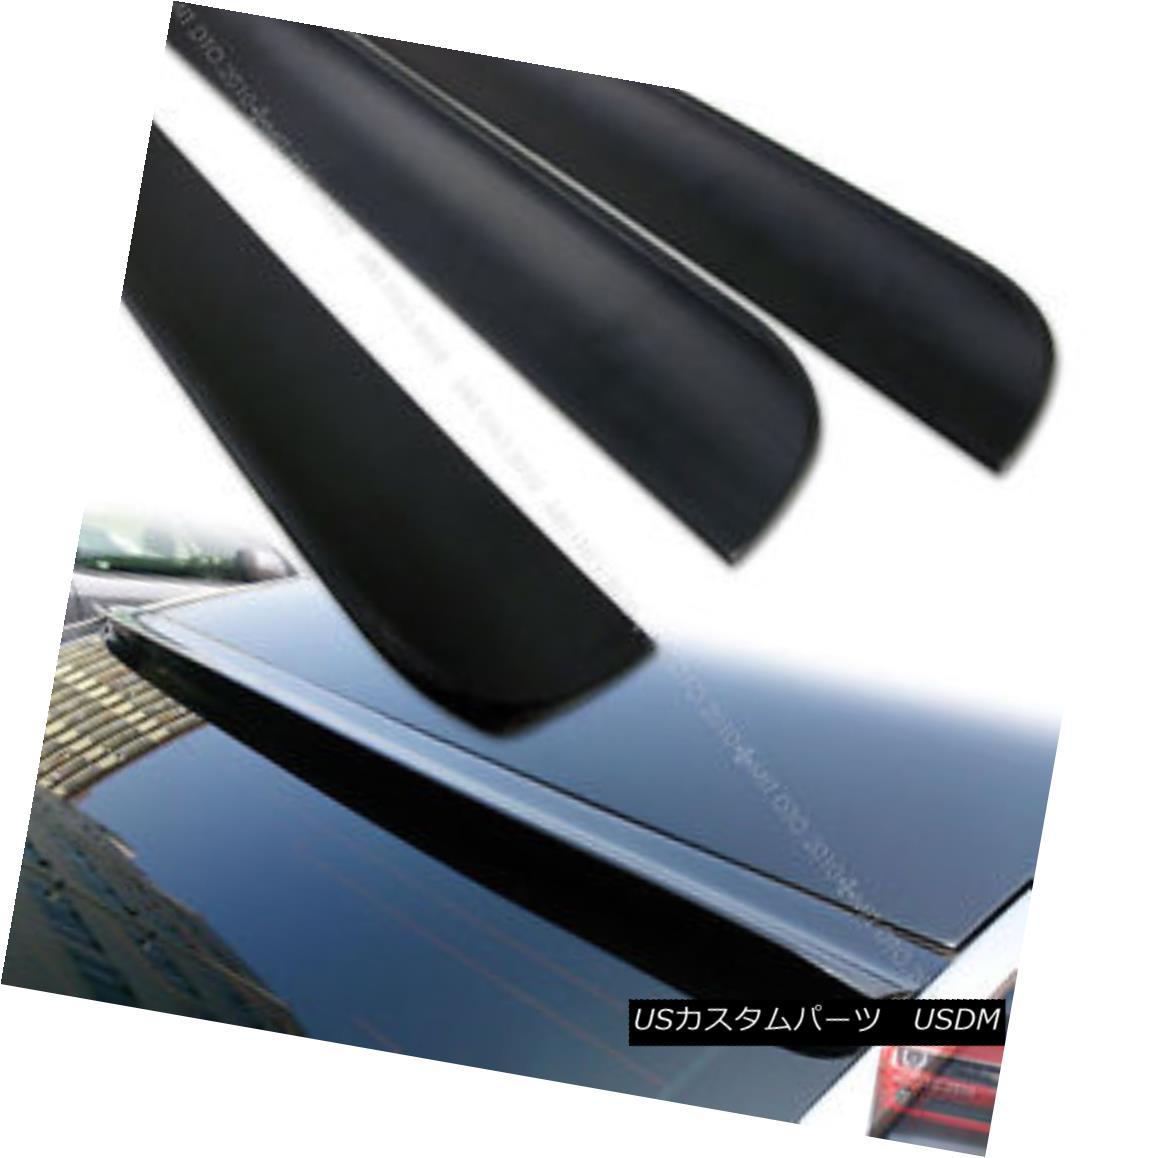 エアロパーツ 08-12 Unpainted For Honda Accord 8th 4DR Sedan Rear Roof Spoiler PUF 08-12ホンダアコード用無塗装8th 4DRセダンリアルーフスポイラーPUF